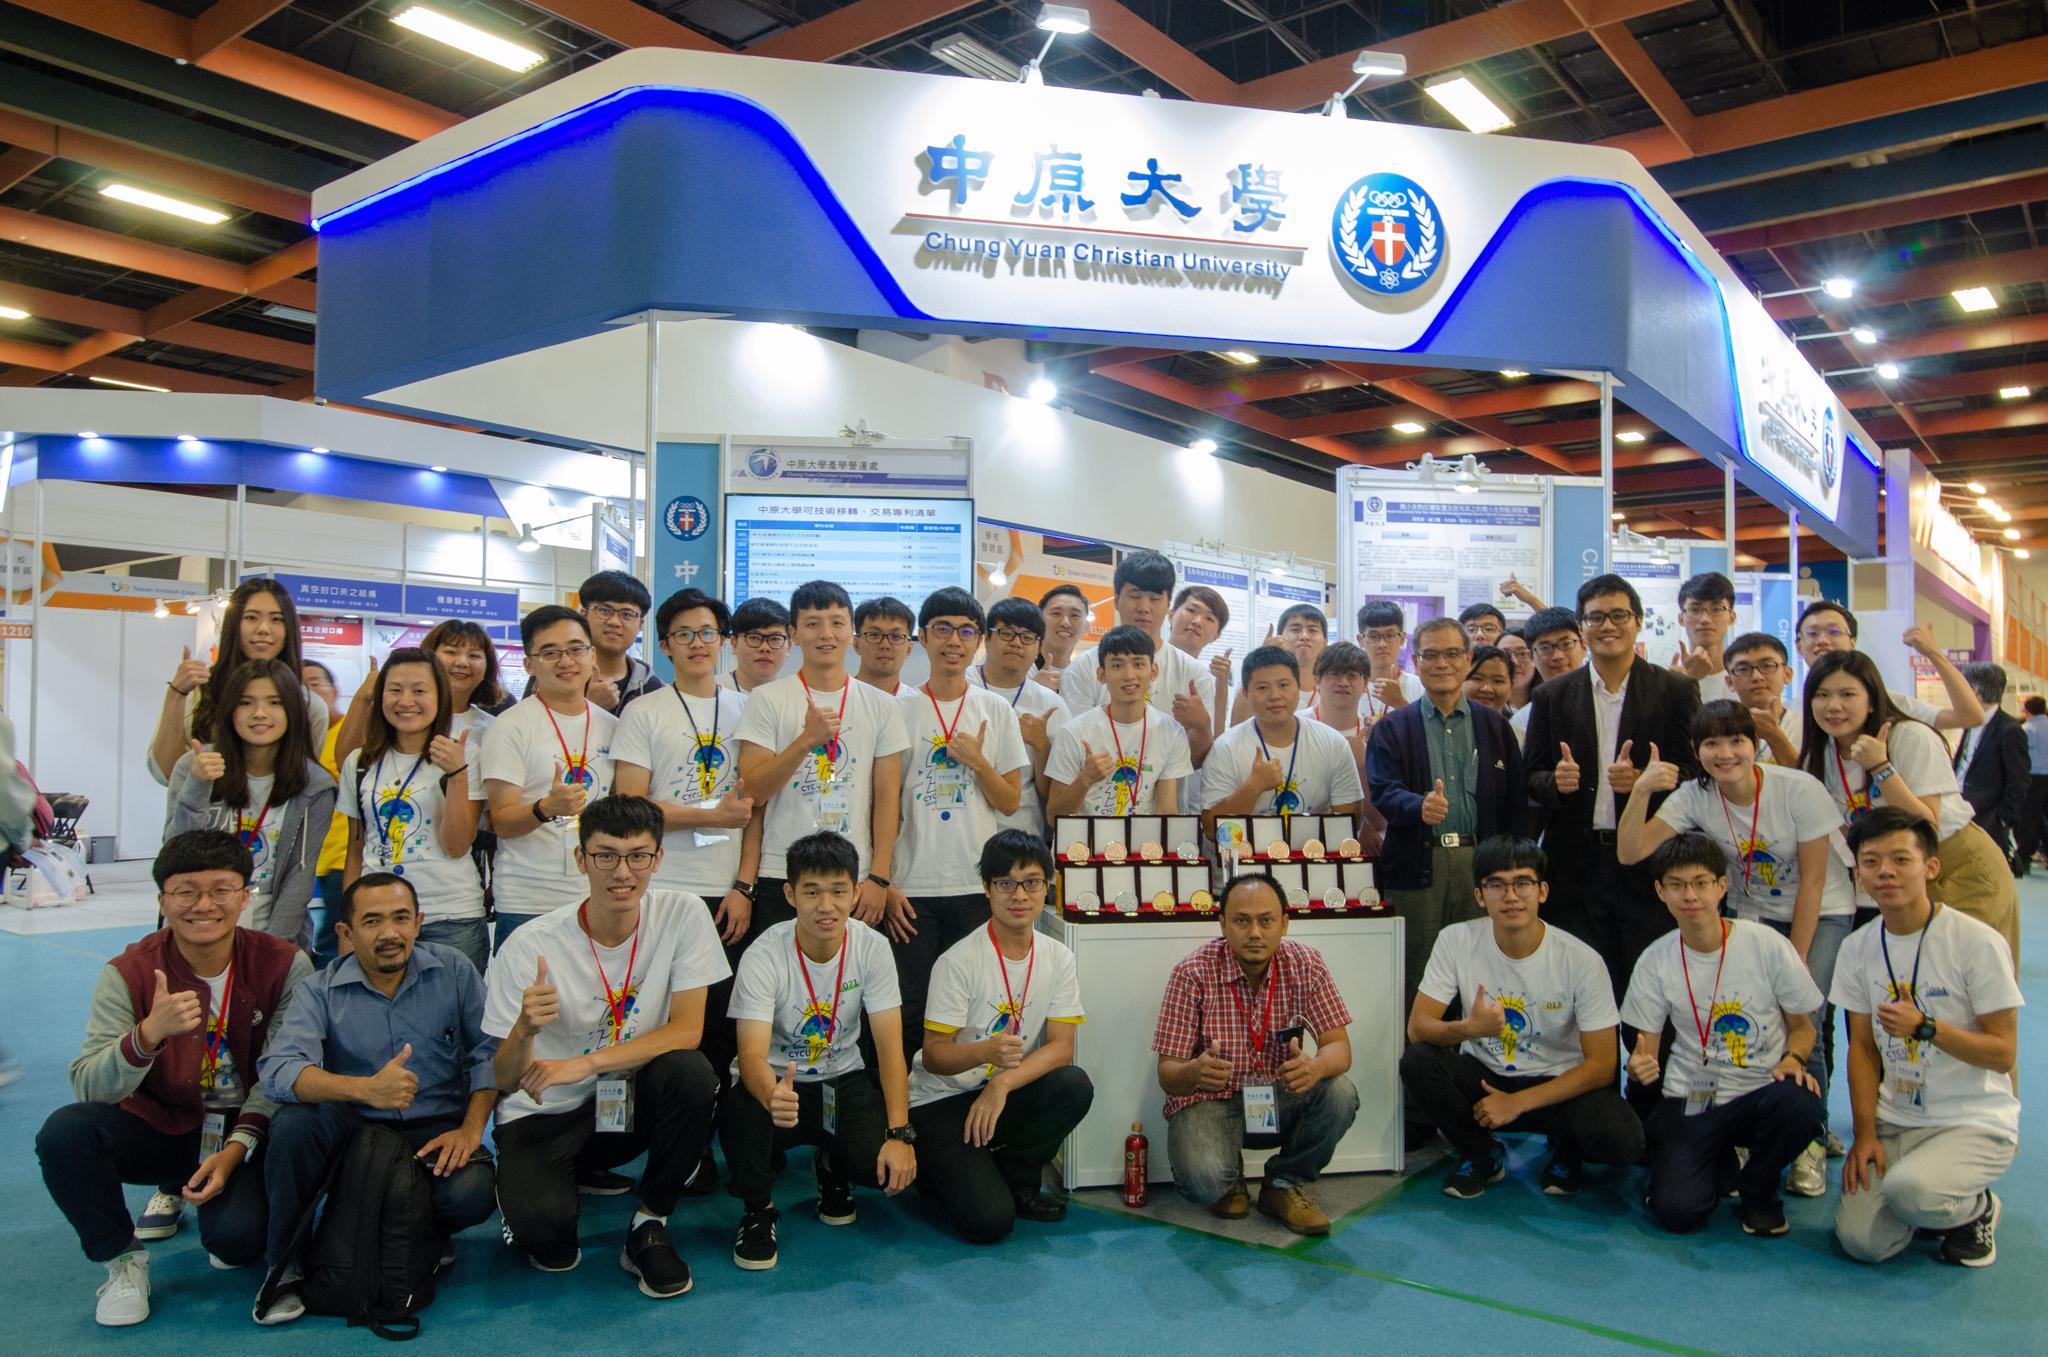 2018台灣創新技術博覽會 國內參賽者最大贏家為中原大學